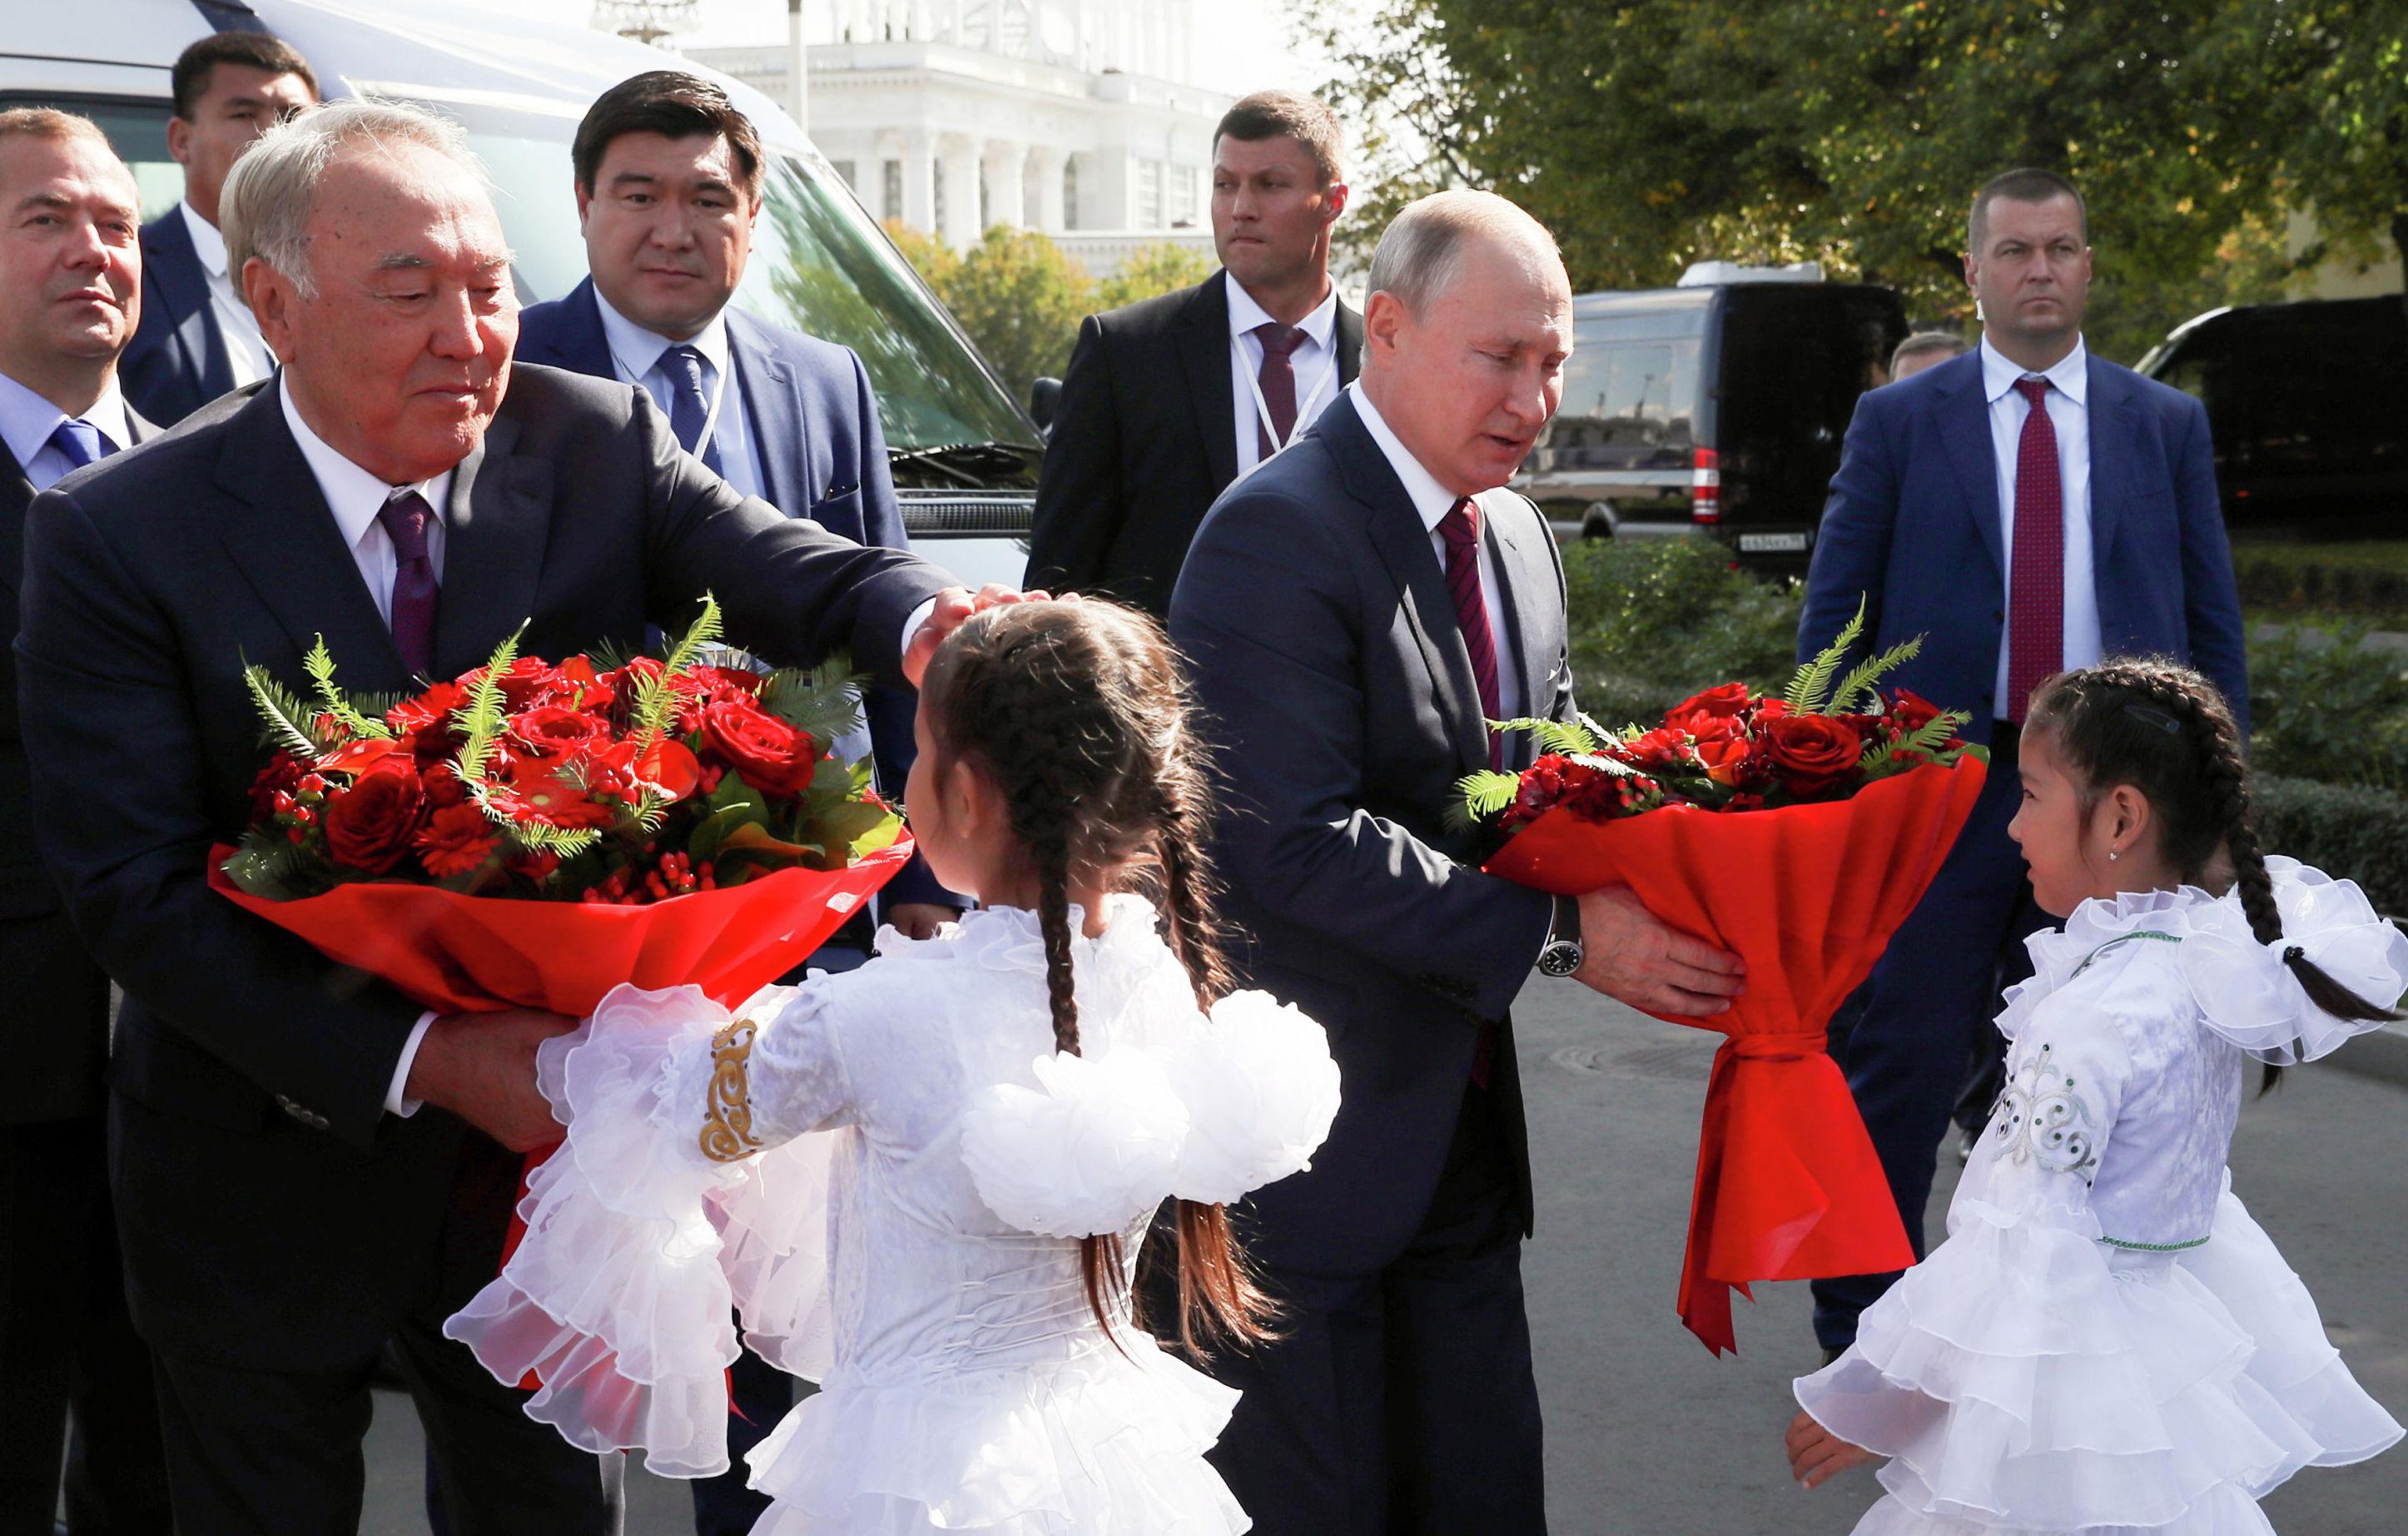 Встреча Н. Назарбаева и В. Путина возле обновленного казахстанского павильона на ВДНХ